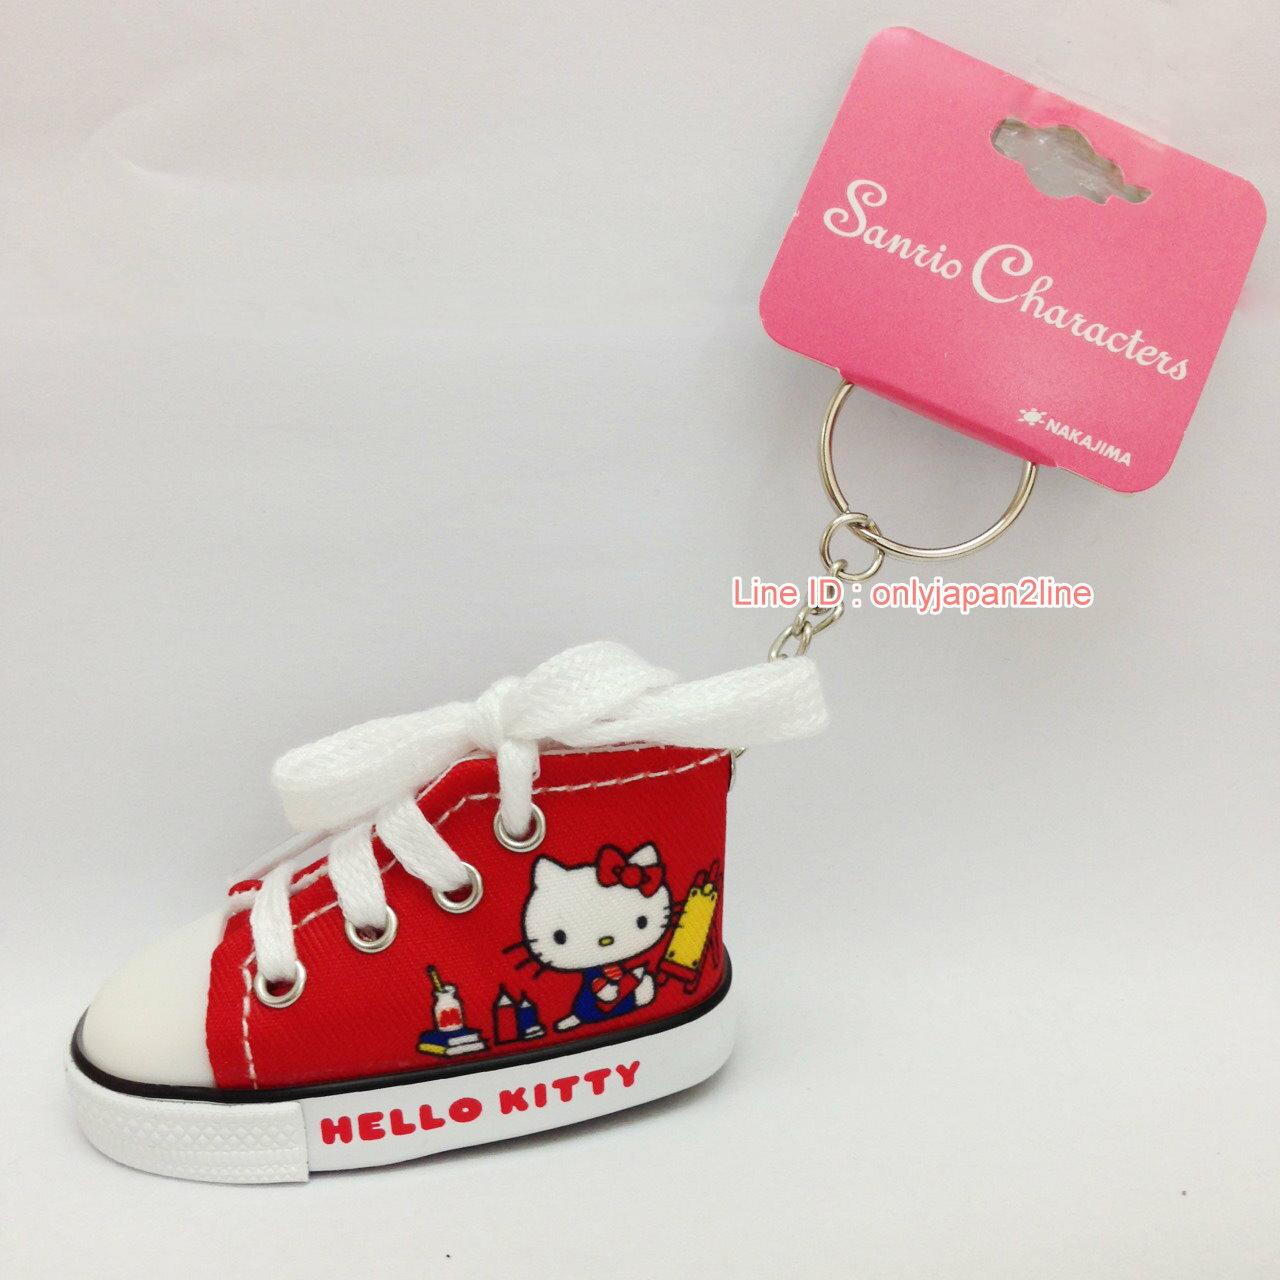 【真愛日本】17022100048迷你帆布鞋鎖圈-KT畫畫紅    三麗鷗 Hello Kitty 凱蒂貓   鑰匙圈 鎖圈 吊飾